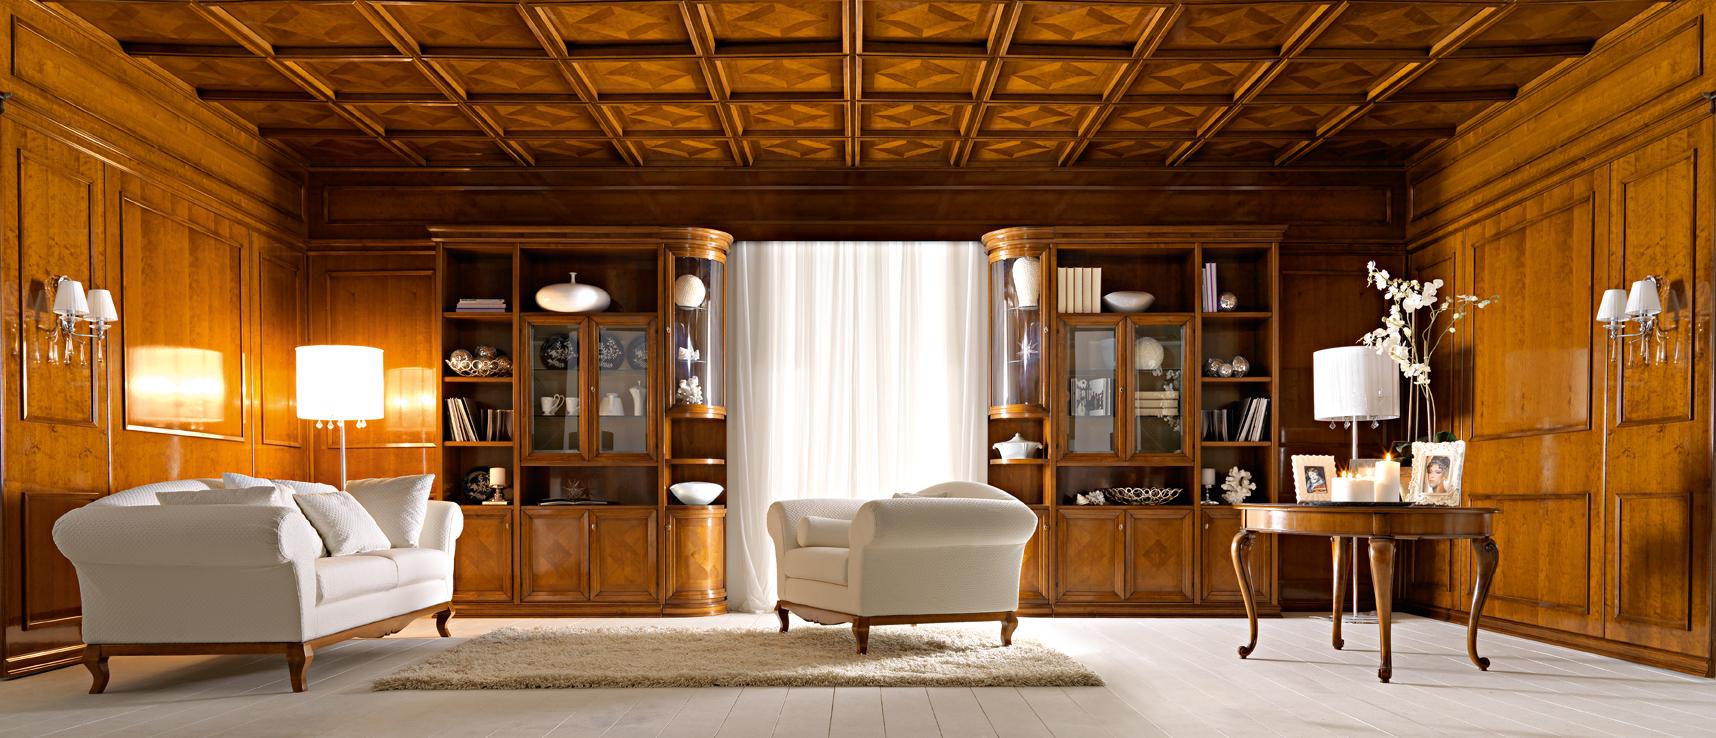 Arredamento classico consigli e suggerimenti pratici for Arredamento moderno casa